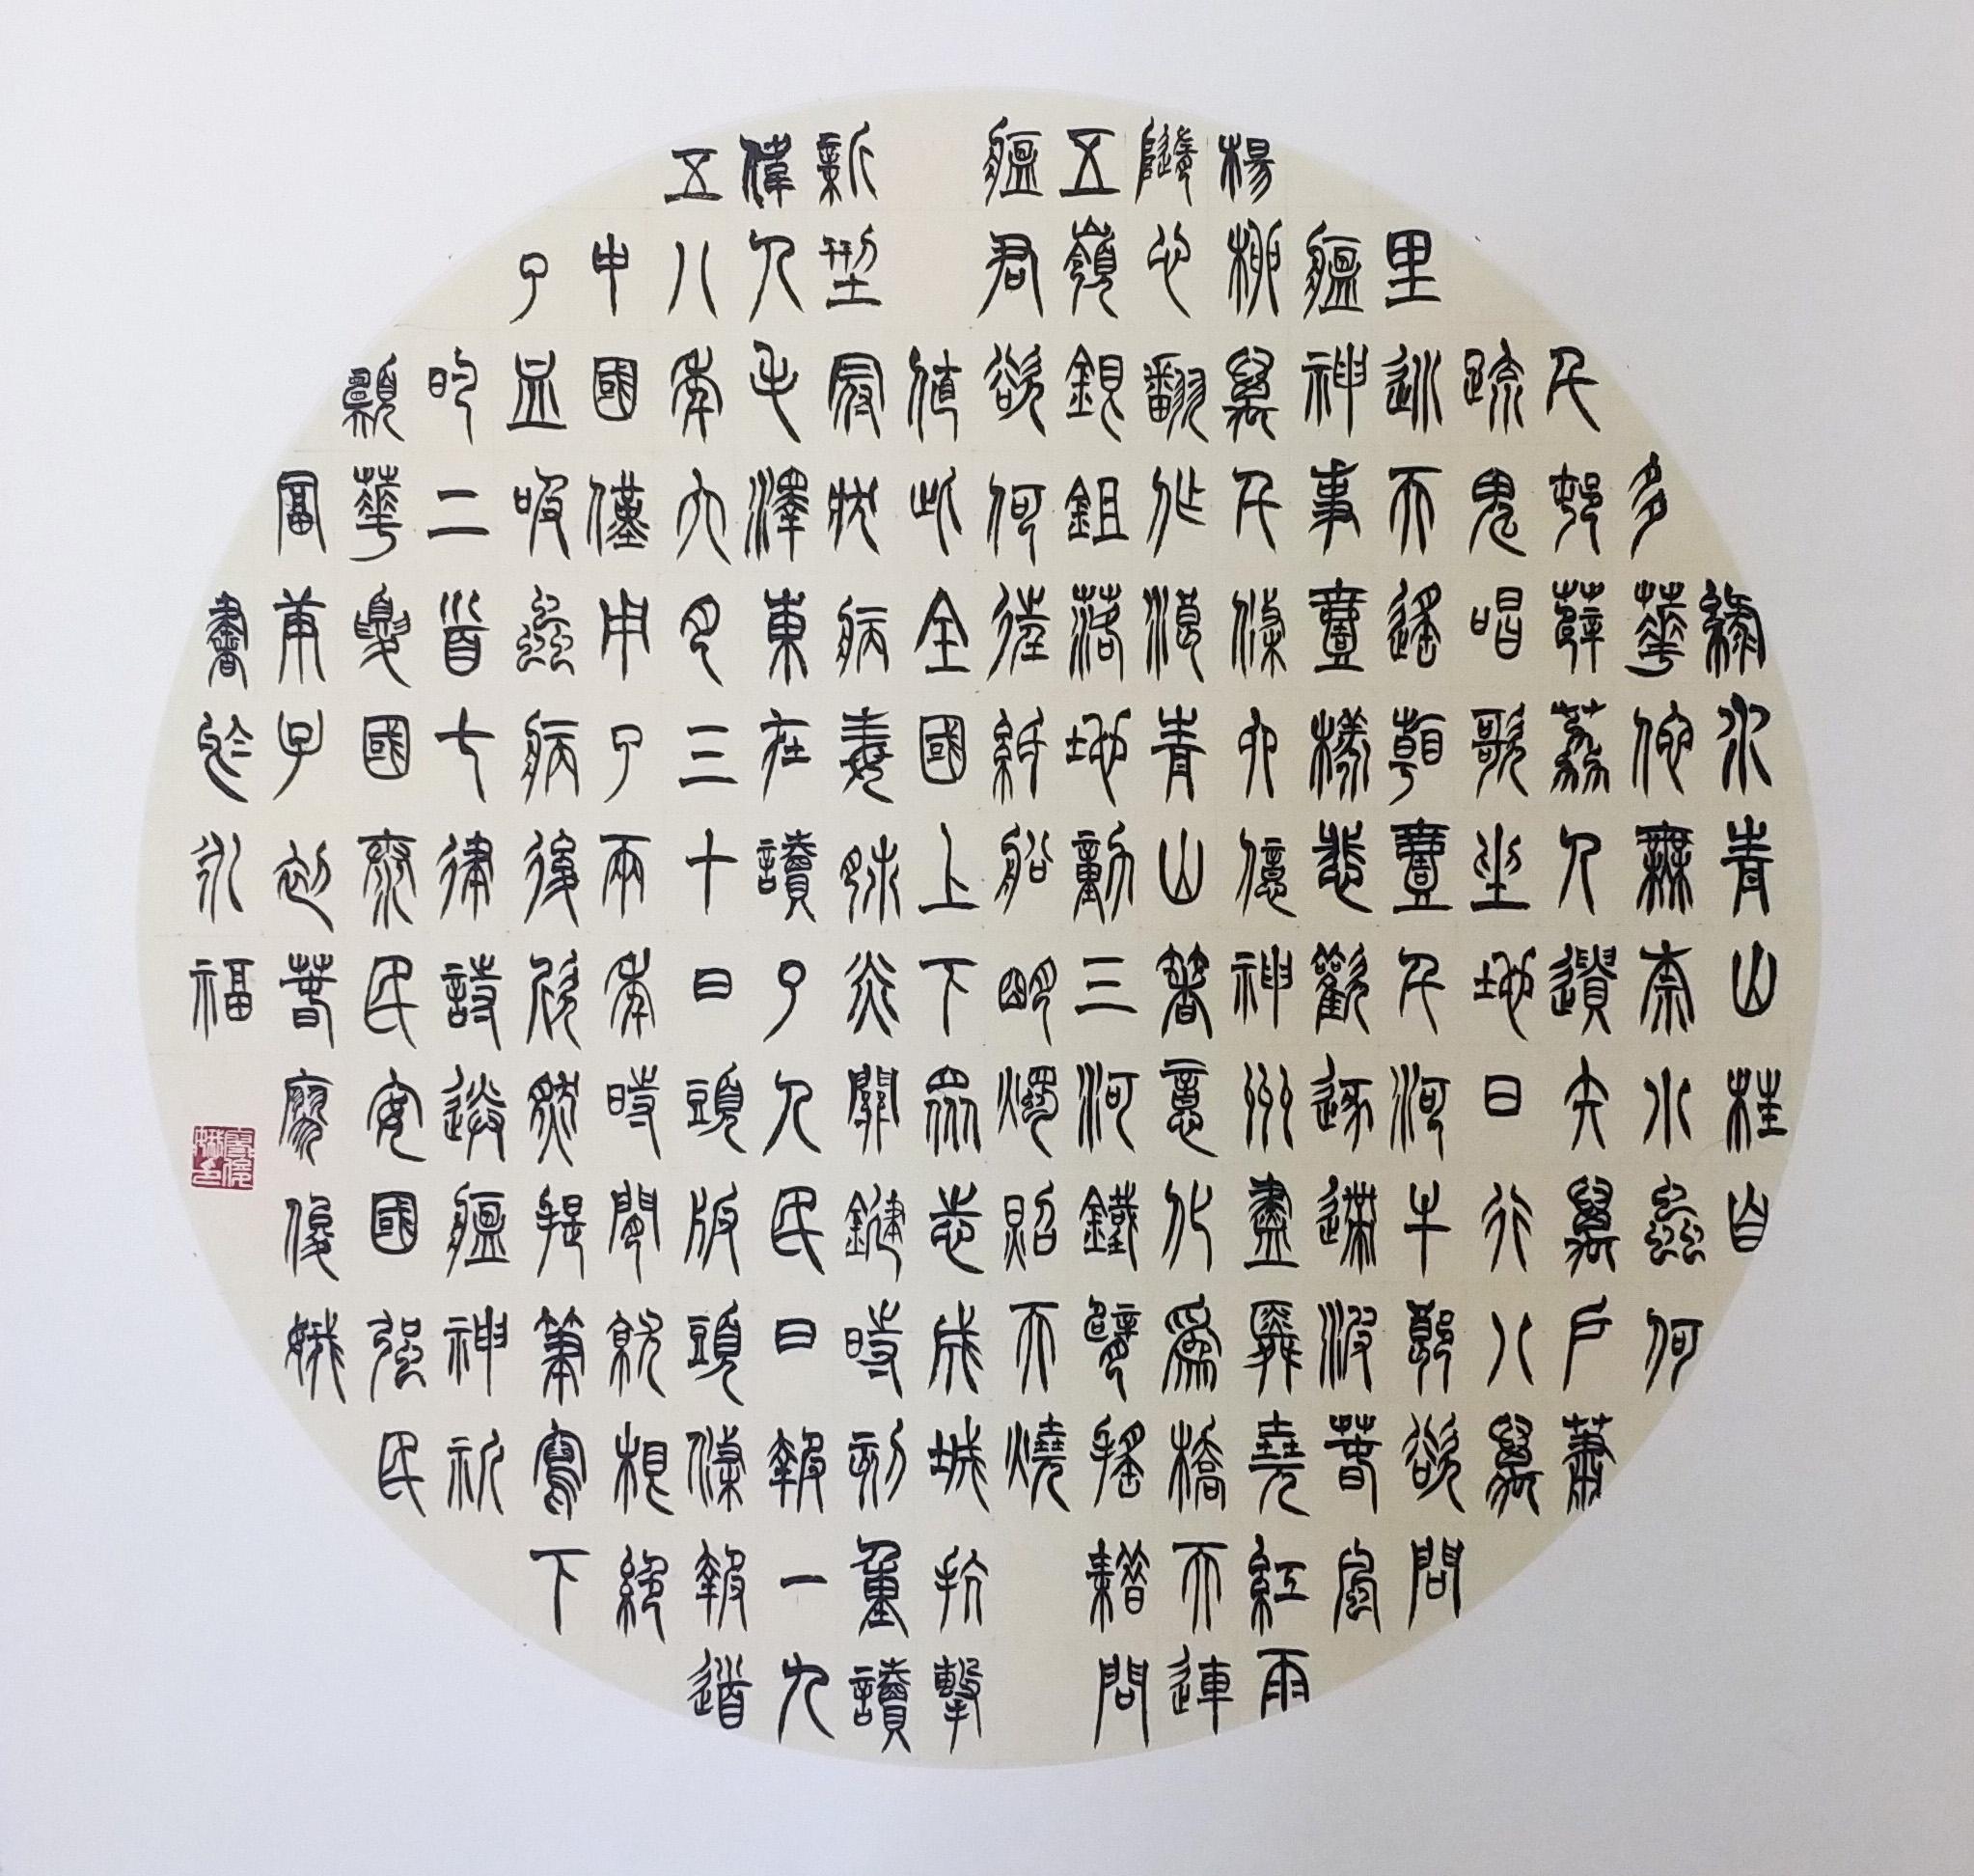 作者:廖俊娥